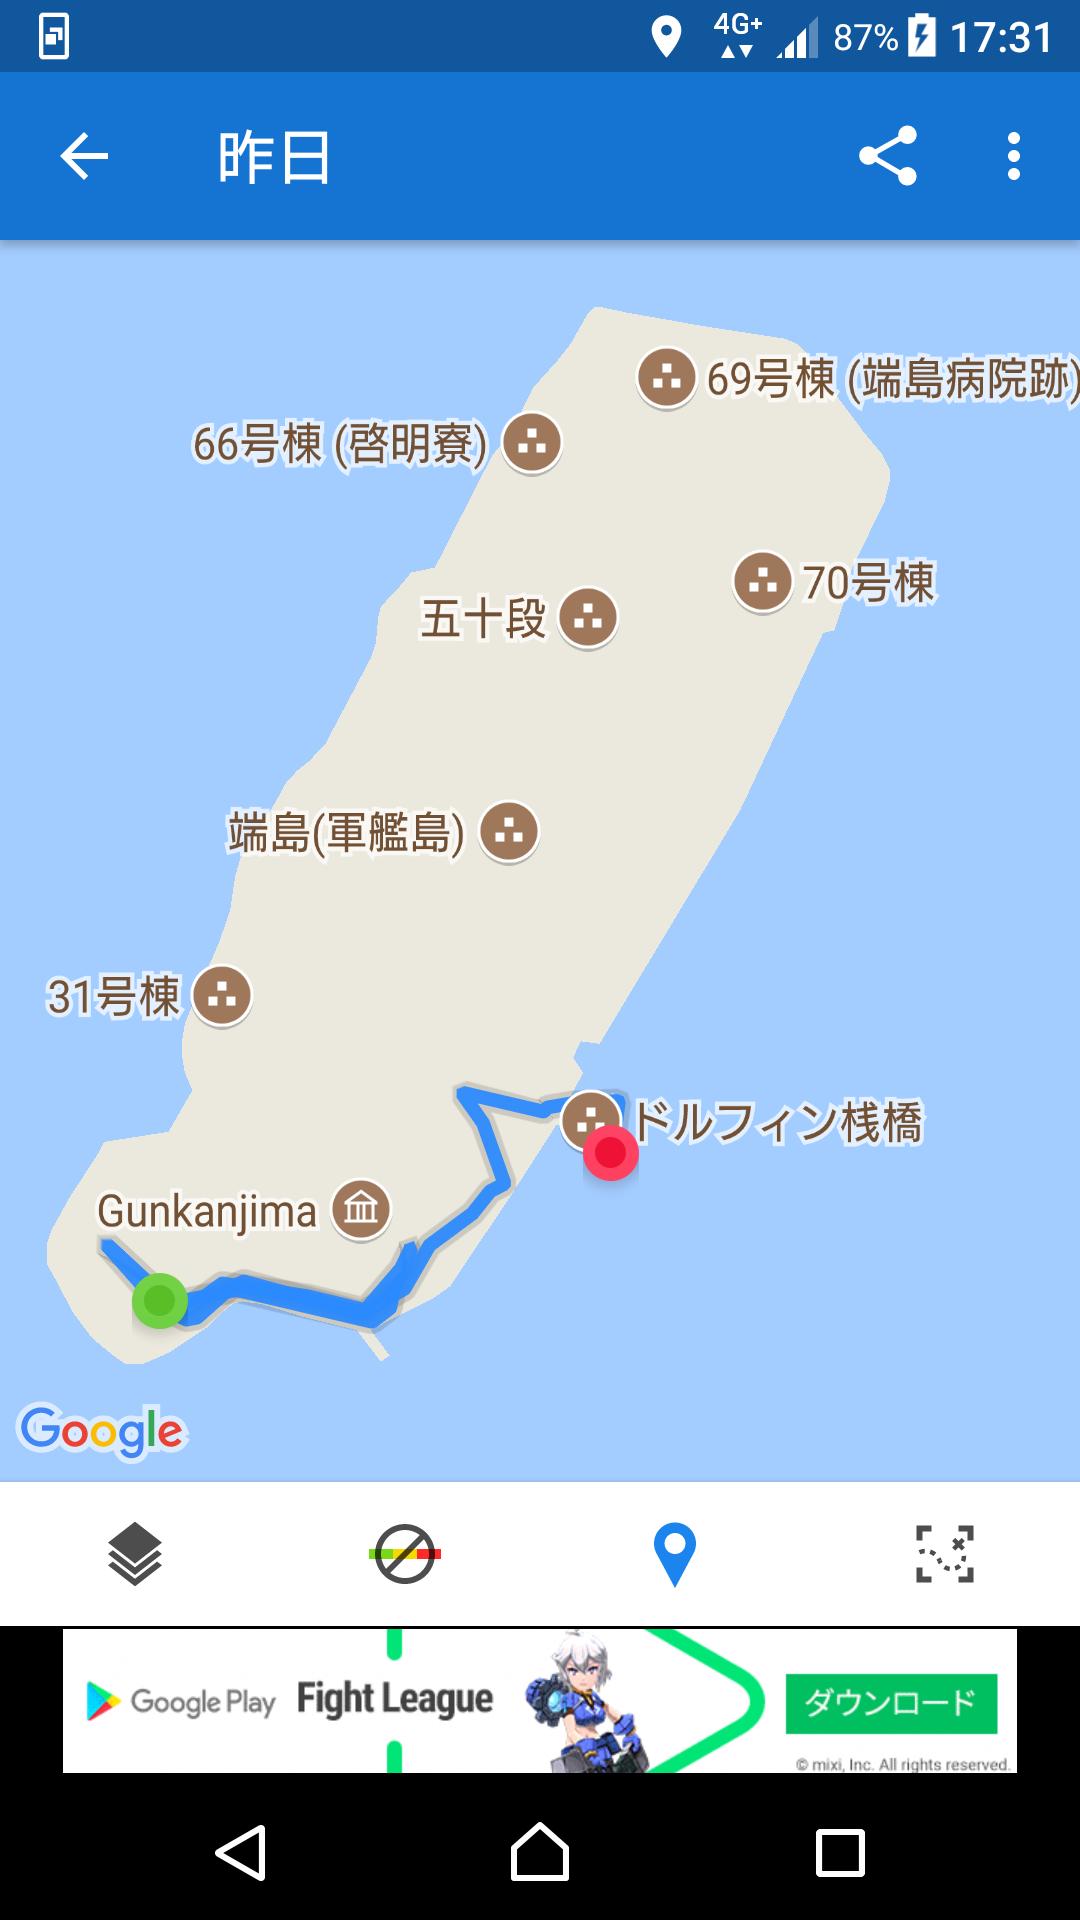 f:id:ynakayama27:20170901173233p:plain